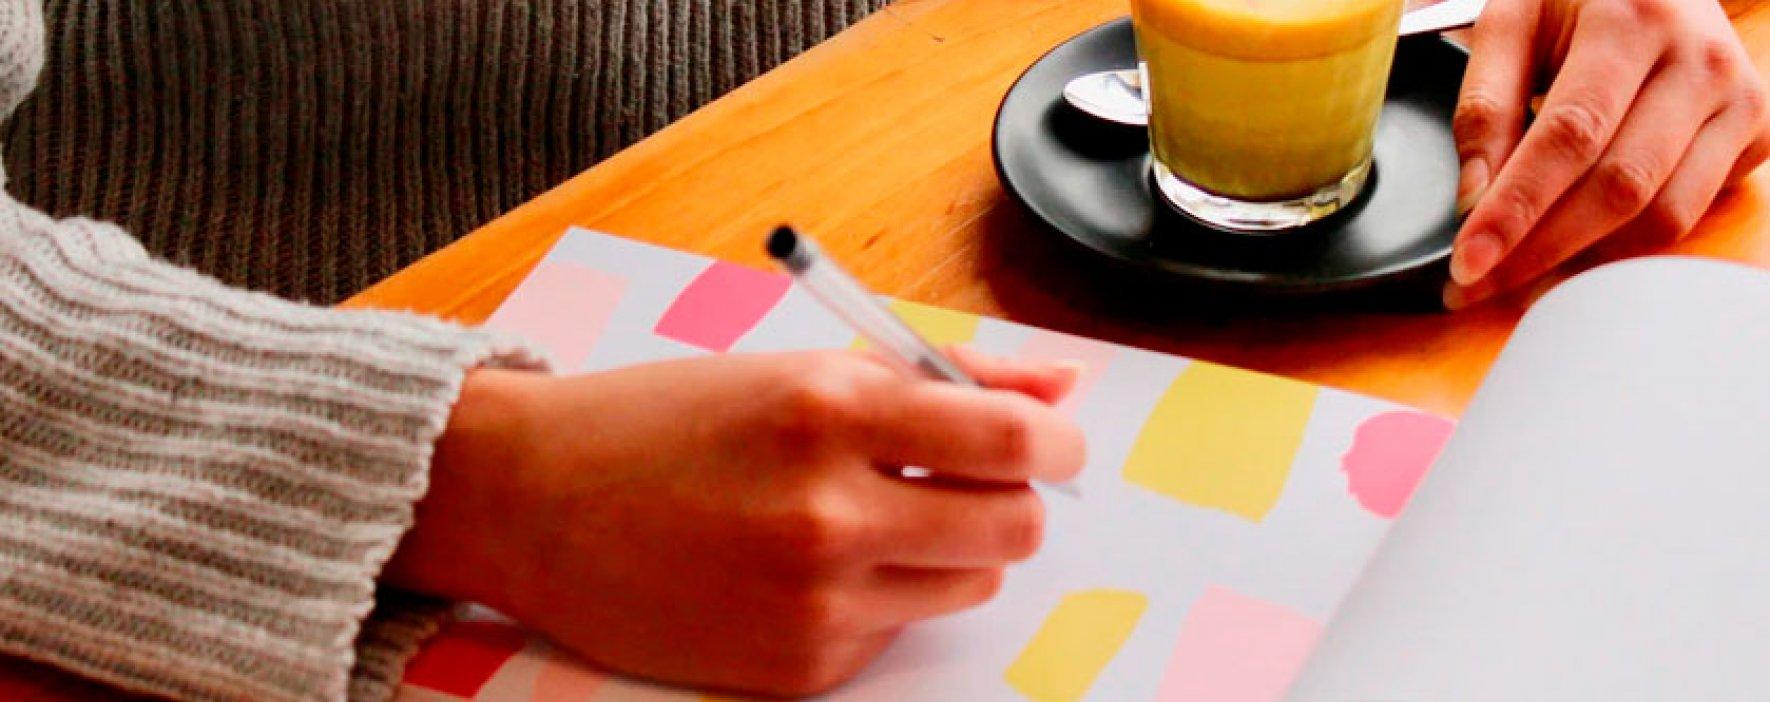 ¿Le interesa escribir sobre innovación social?